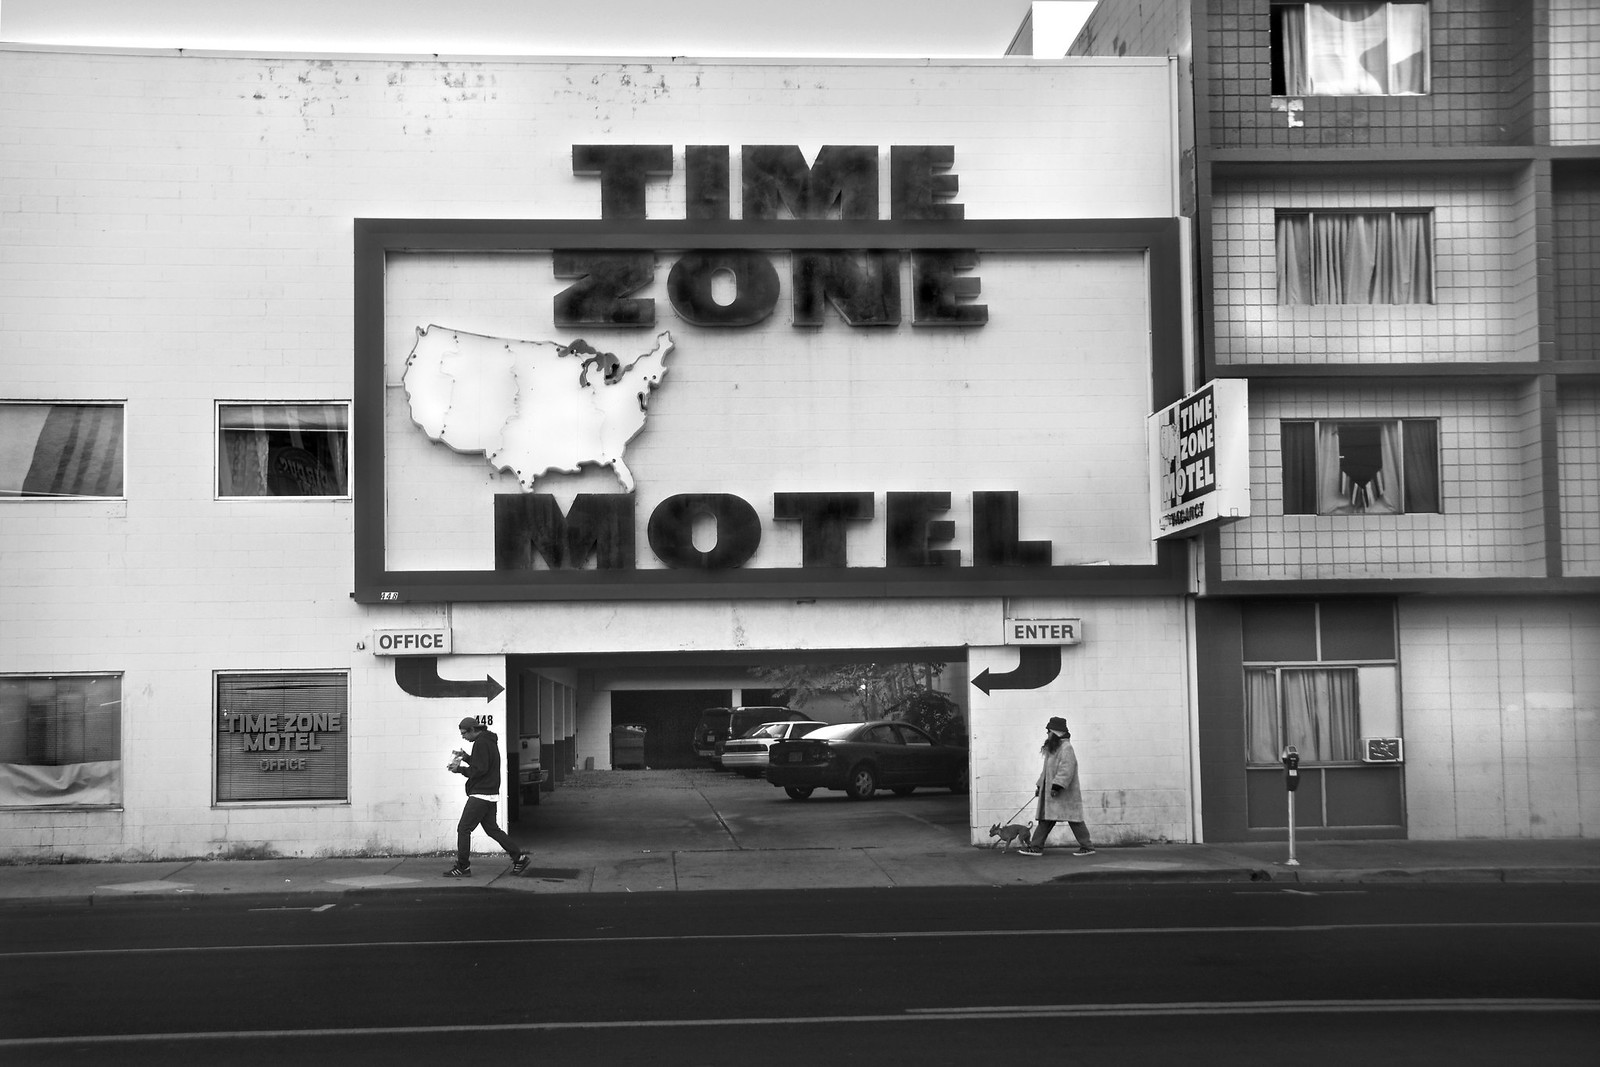 Time Zone Motel, Downtown - Reno, NV | by Rex Mandel